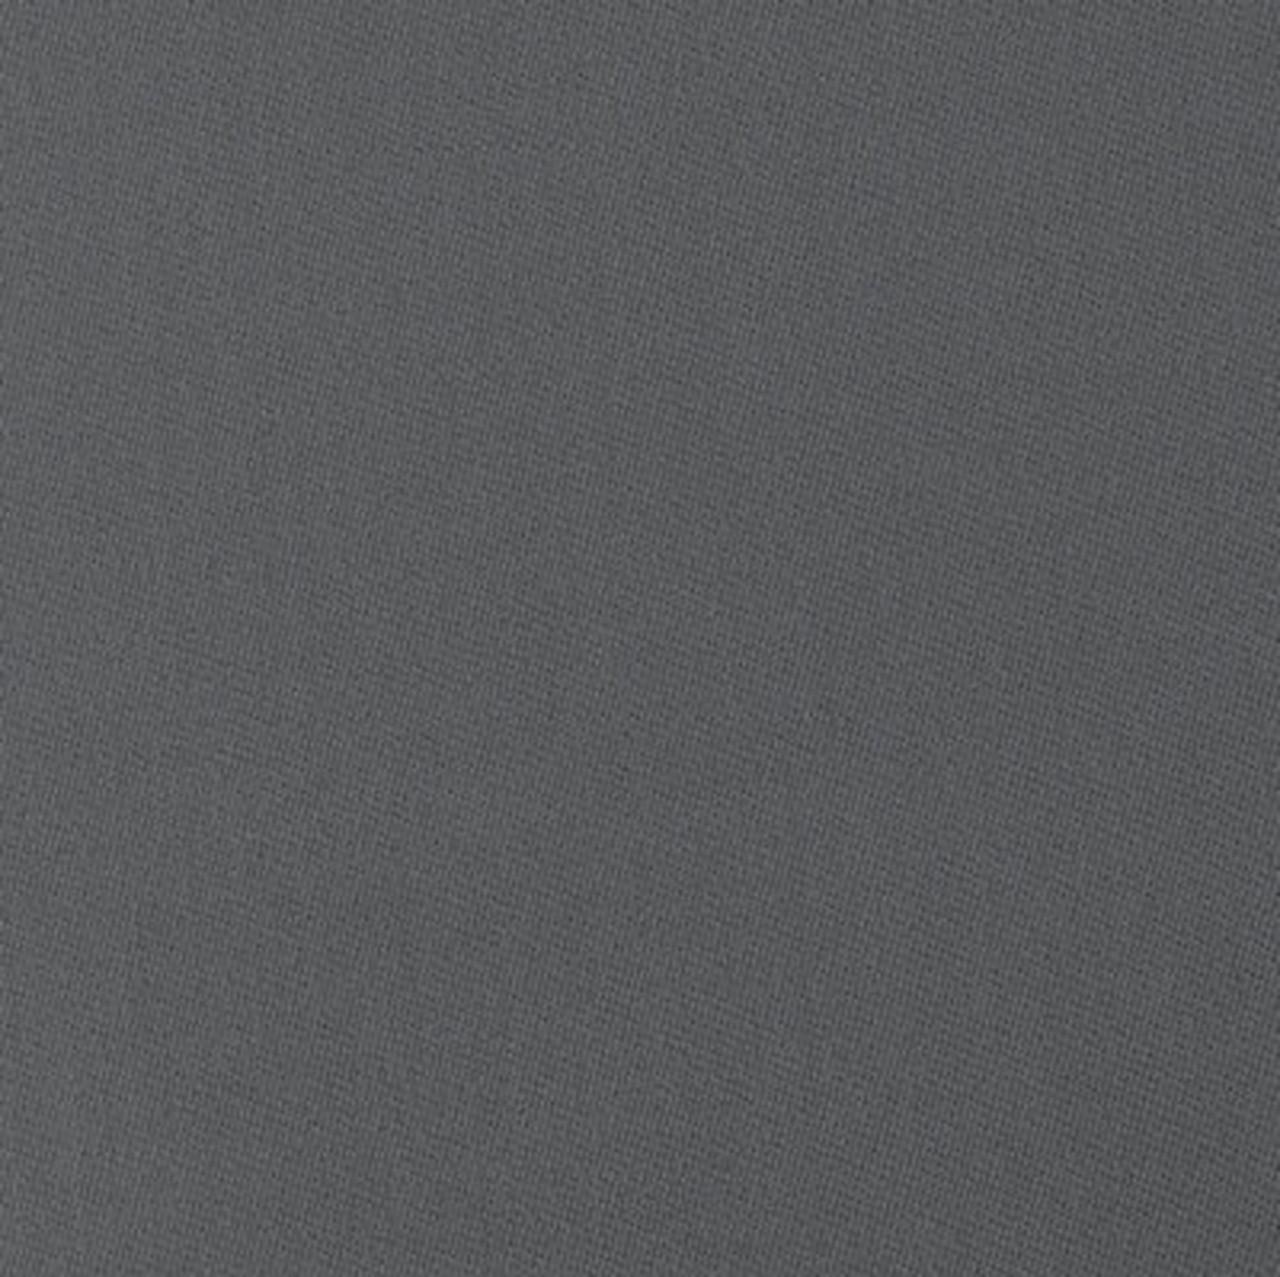 Simonis 860 Steel Grey Pool Table Felt - 7ft